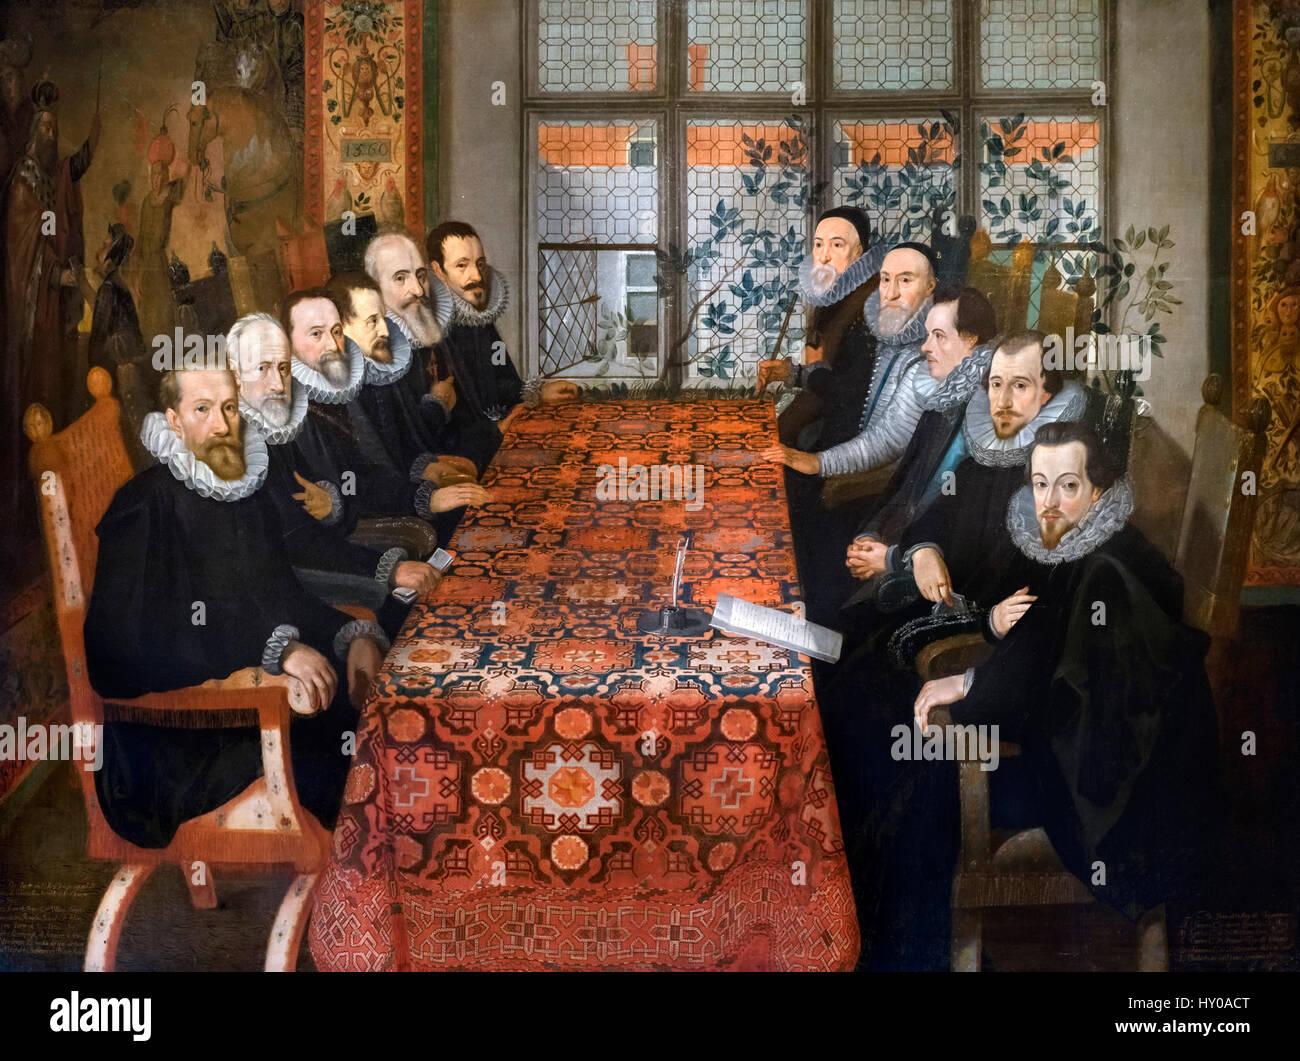 """""""Casa omerset conferenza, 19 agosto 1604' da Juan Pantoja de la Cruz, olio su tela, c.1604. Il Trattato Immagini Stock"""